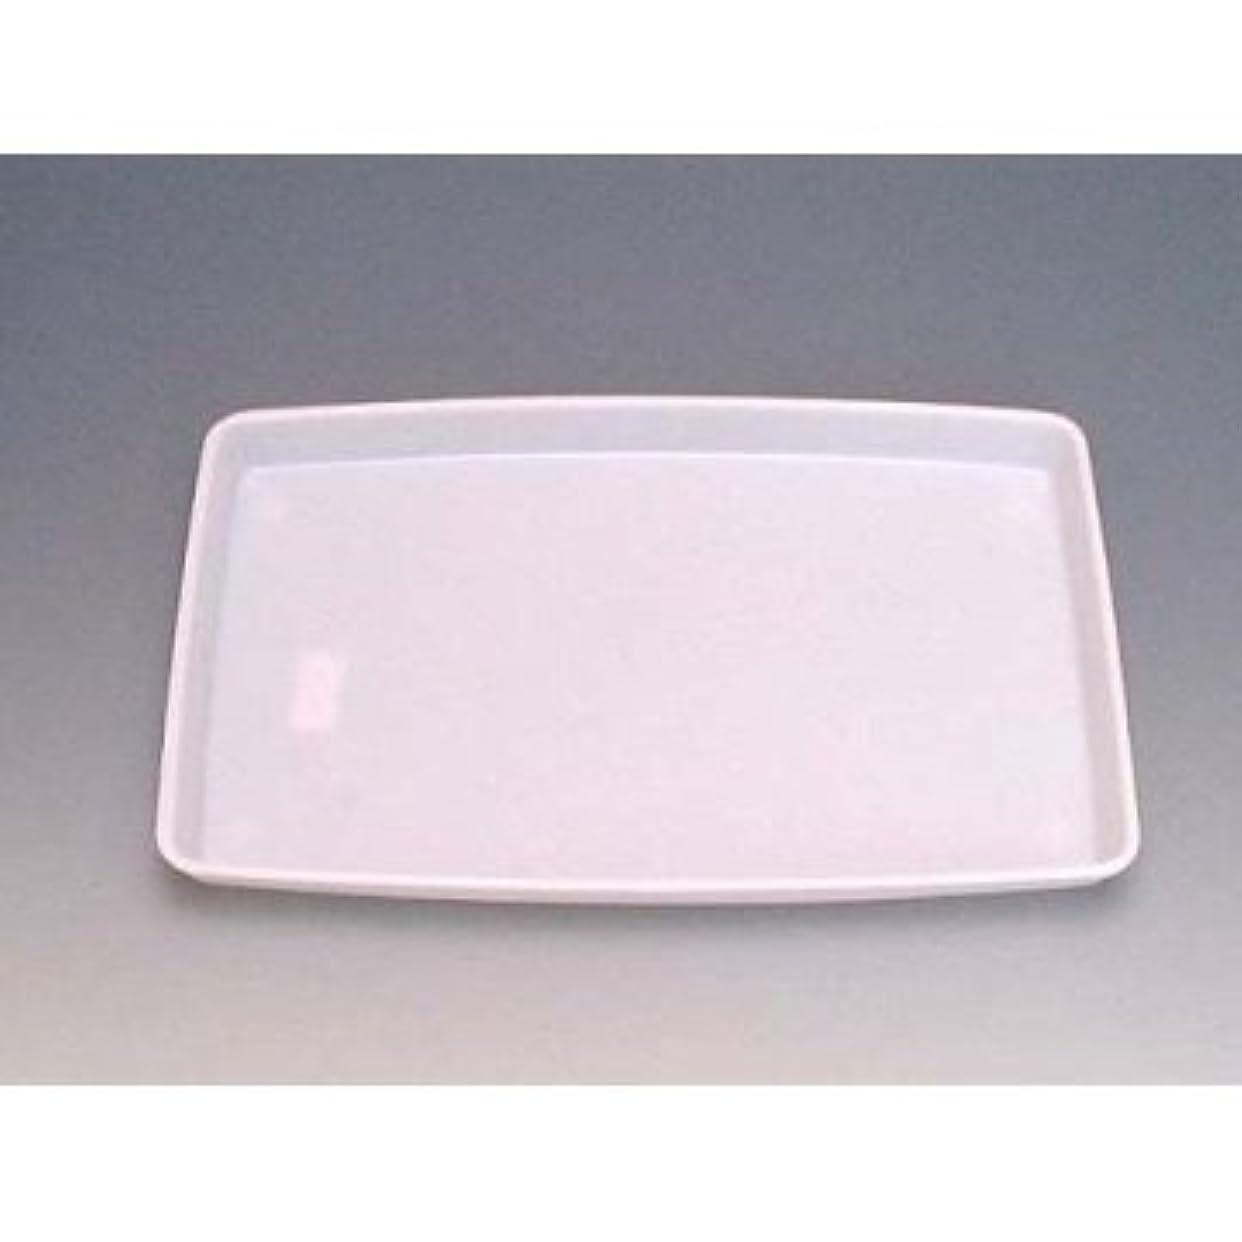 全体言及する意気込み米正 エバーメイト われない台皿 カラーホワイト